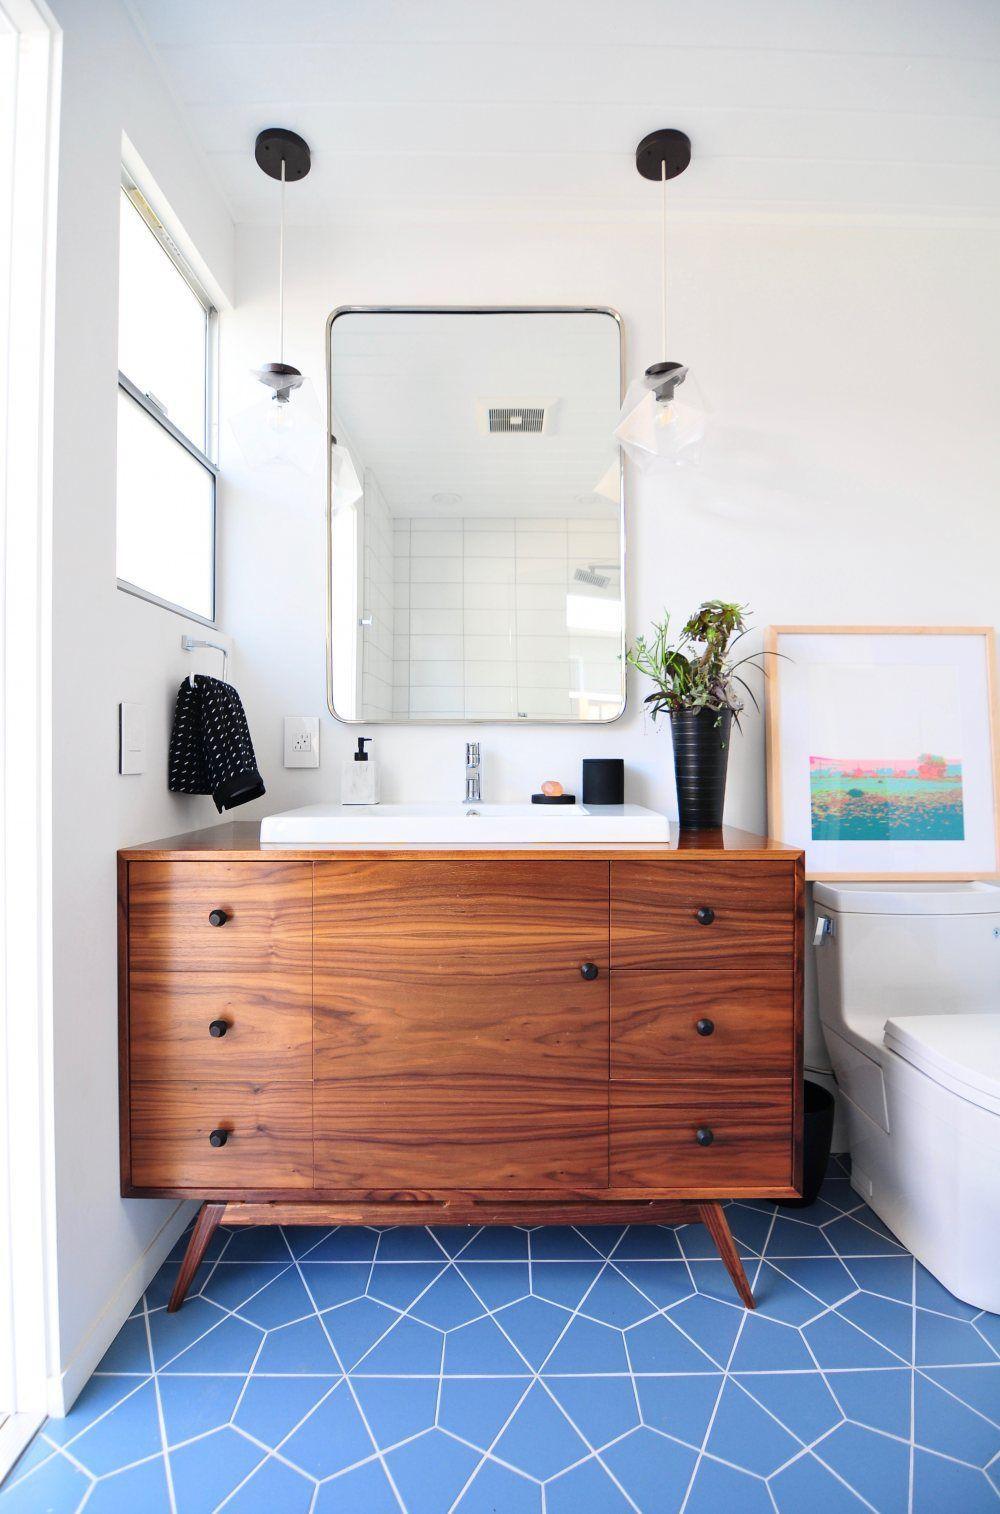 Mid Century Modern Bathroom Ideas, Mid Century Bathroom Tile